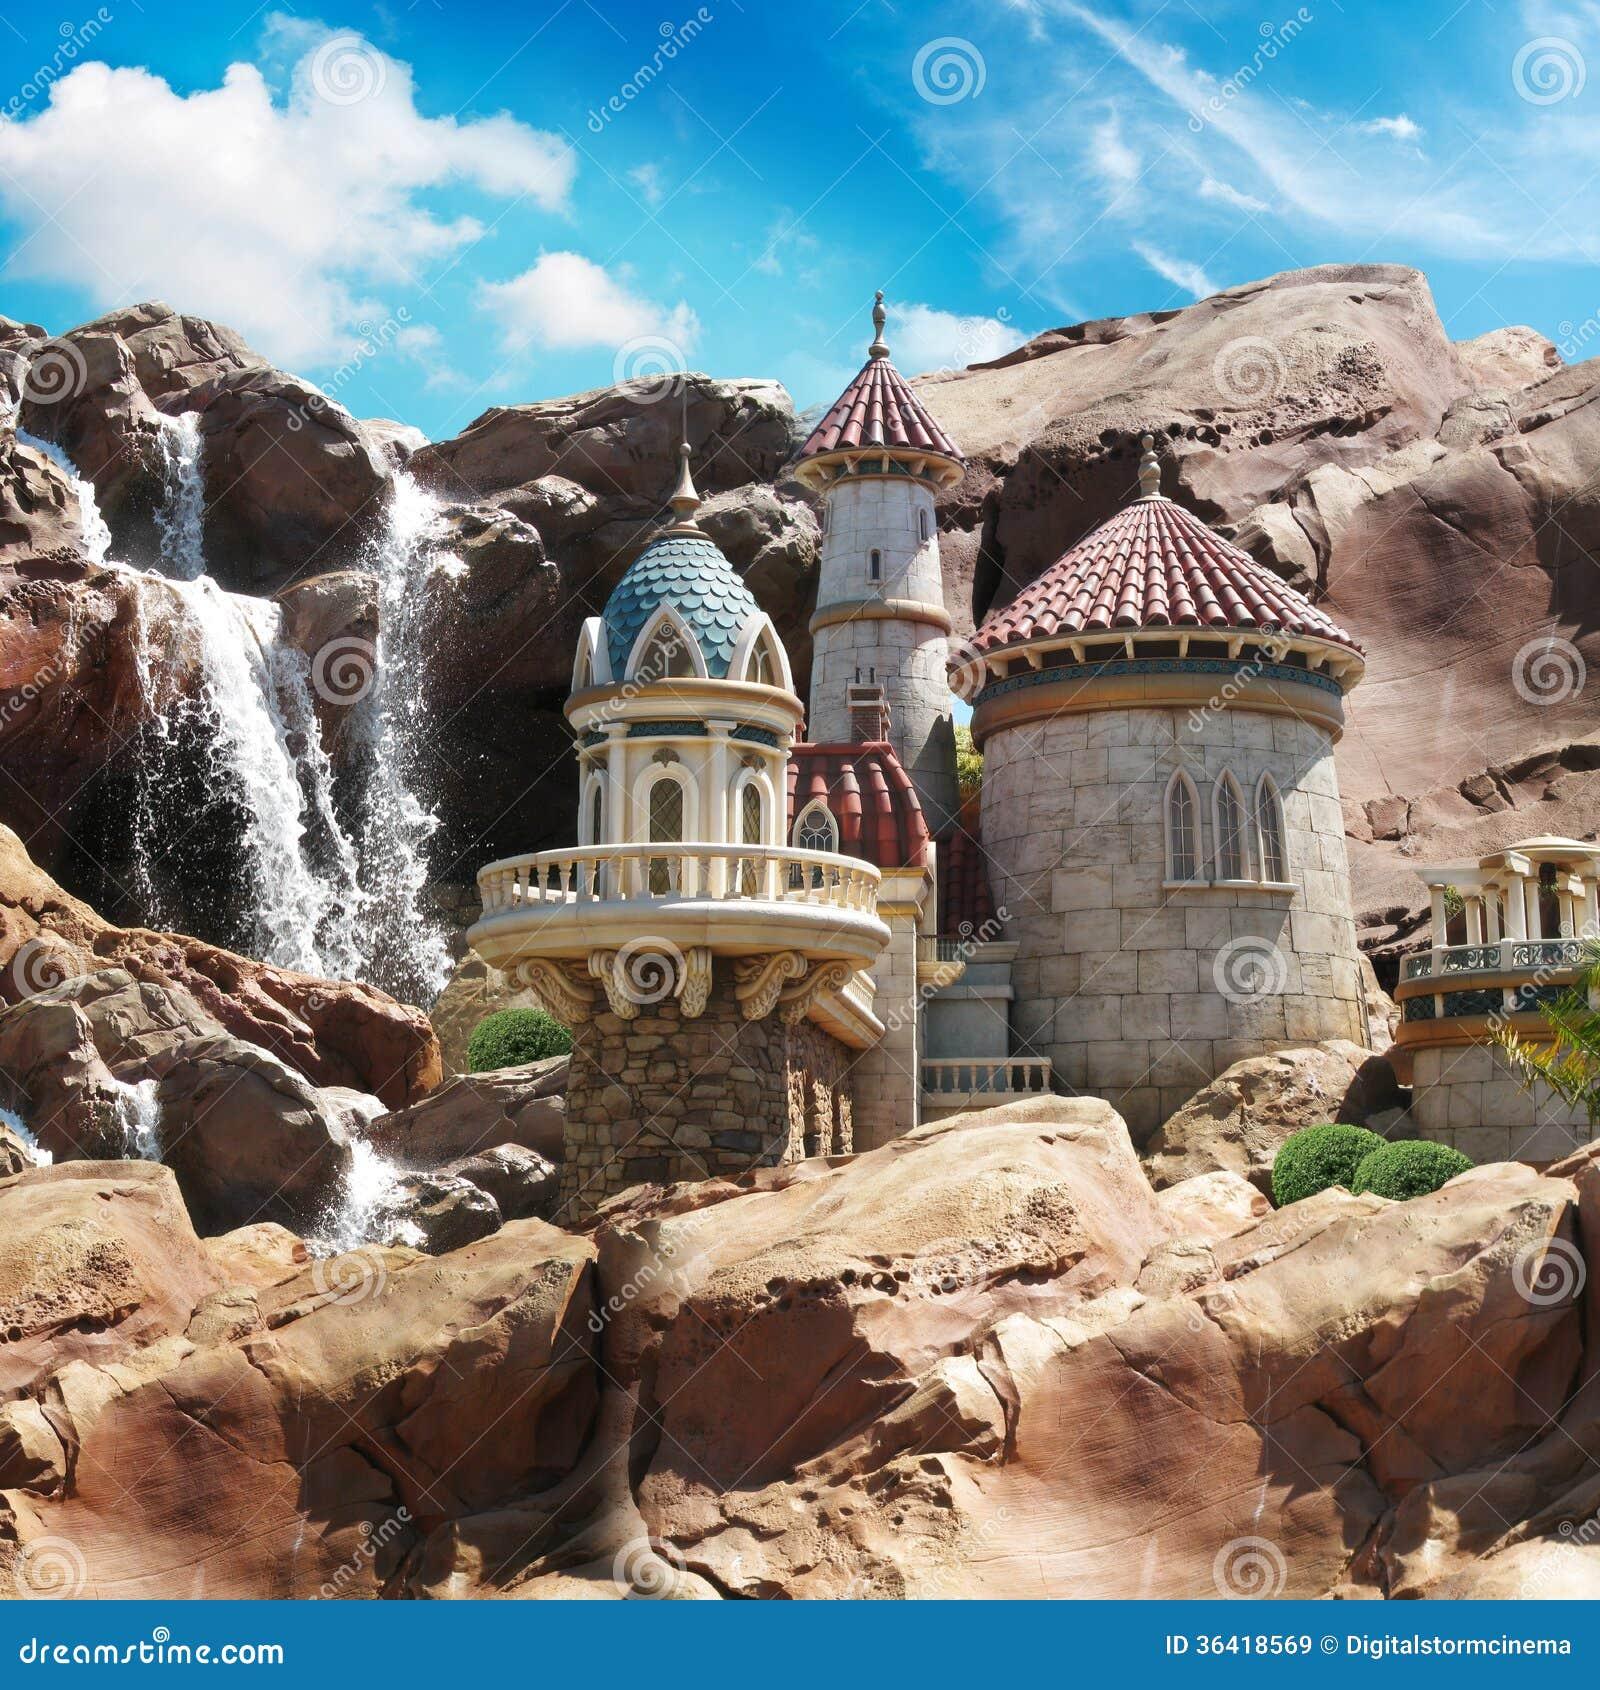 Fantasie-Schloss auf den Klippen